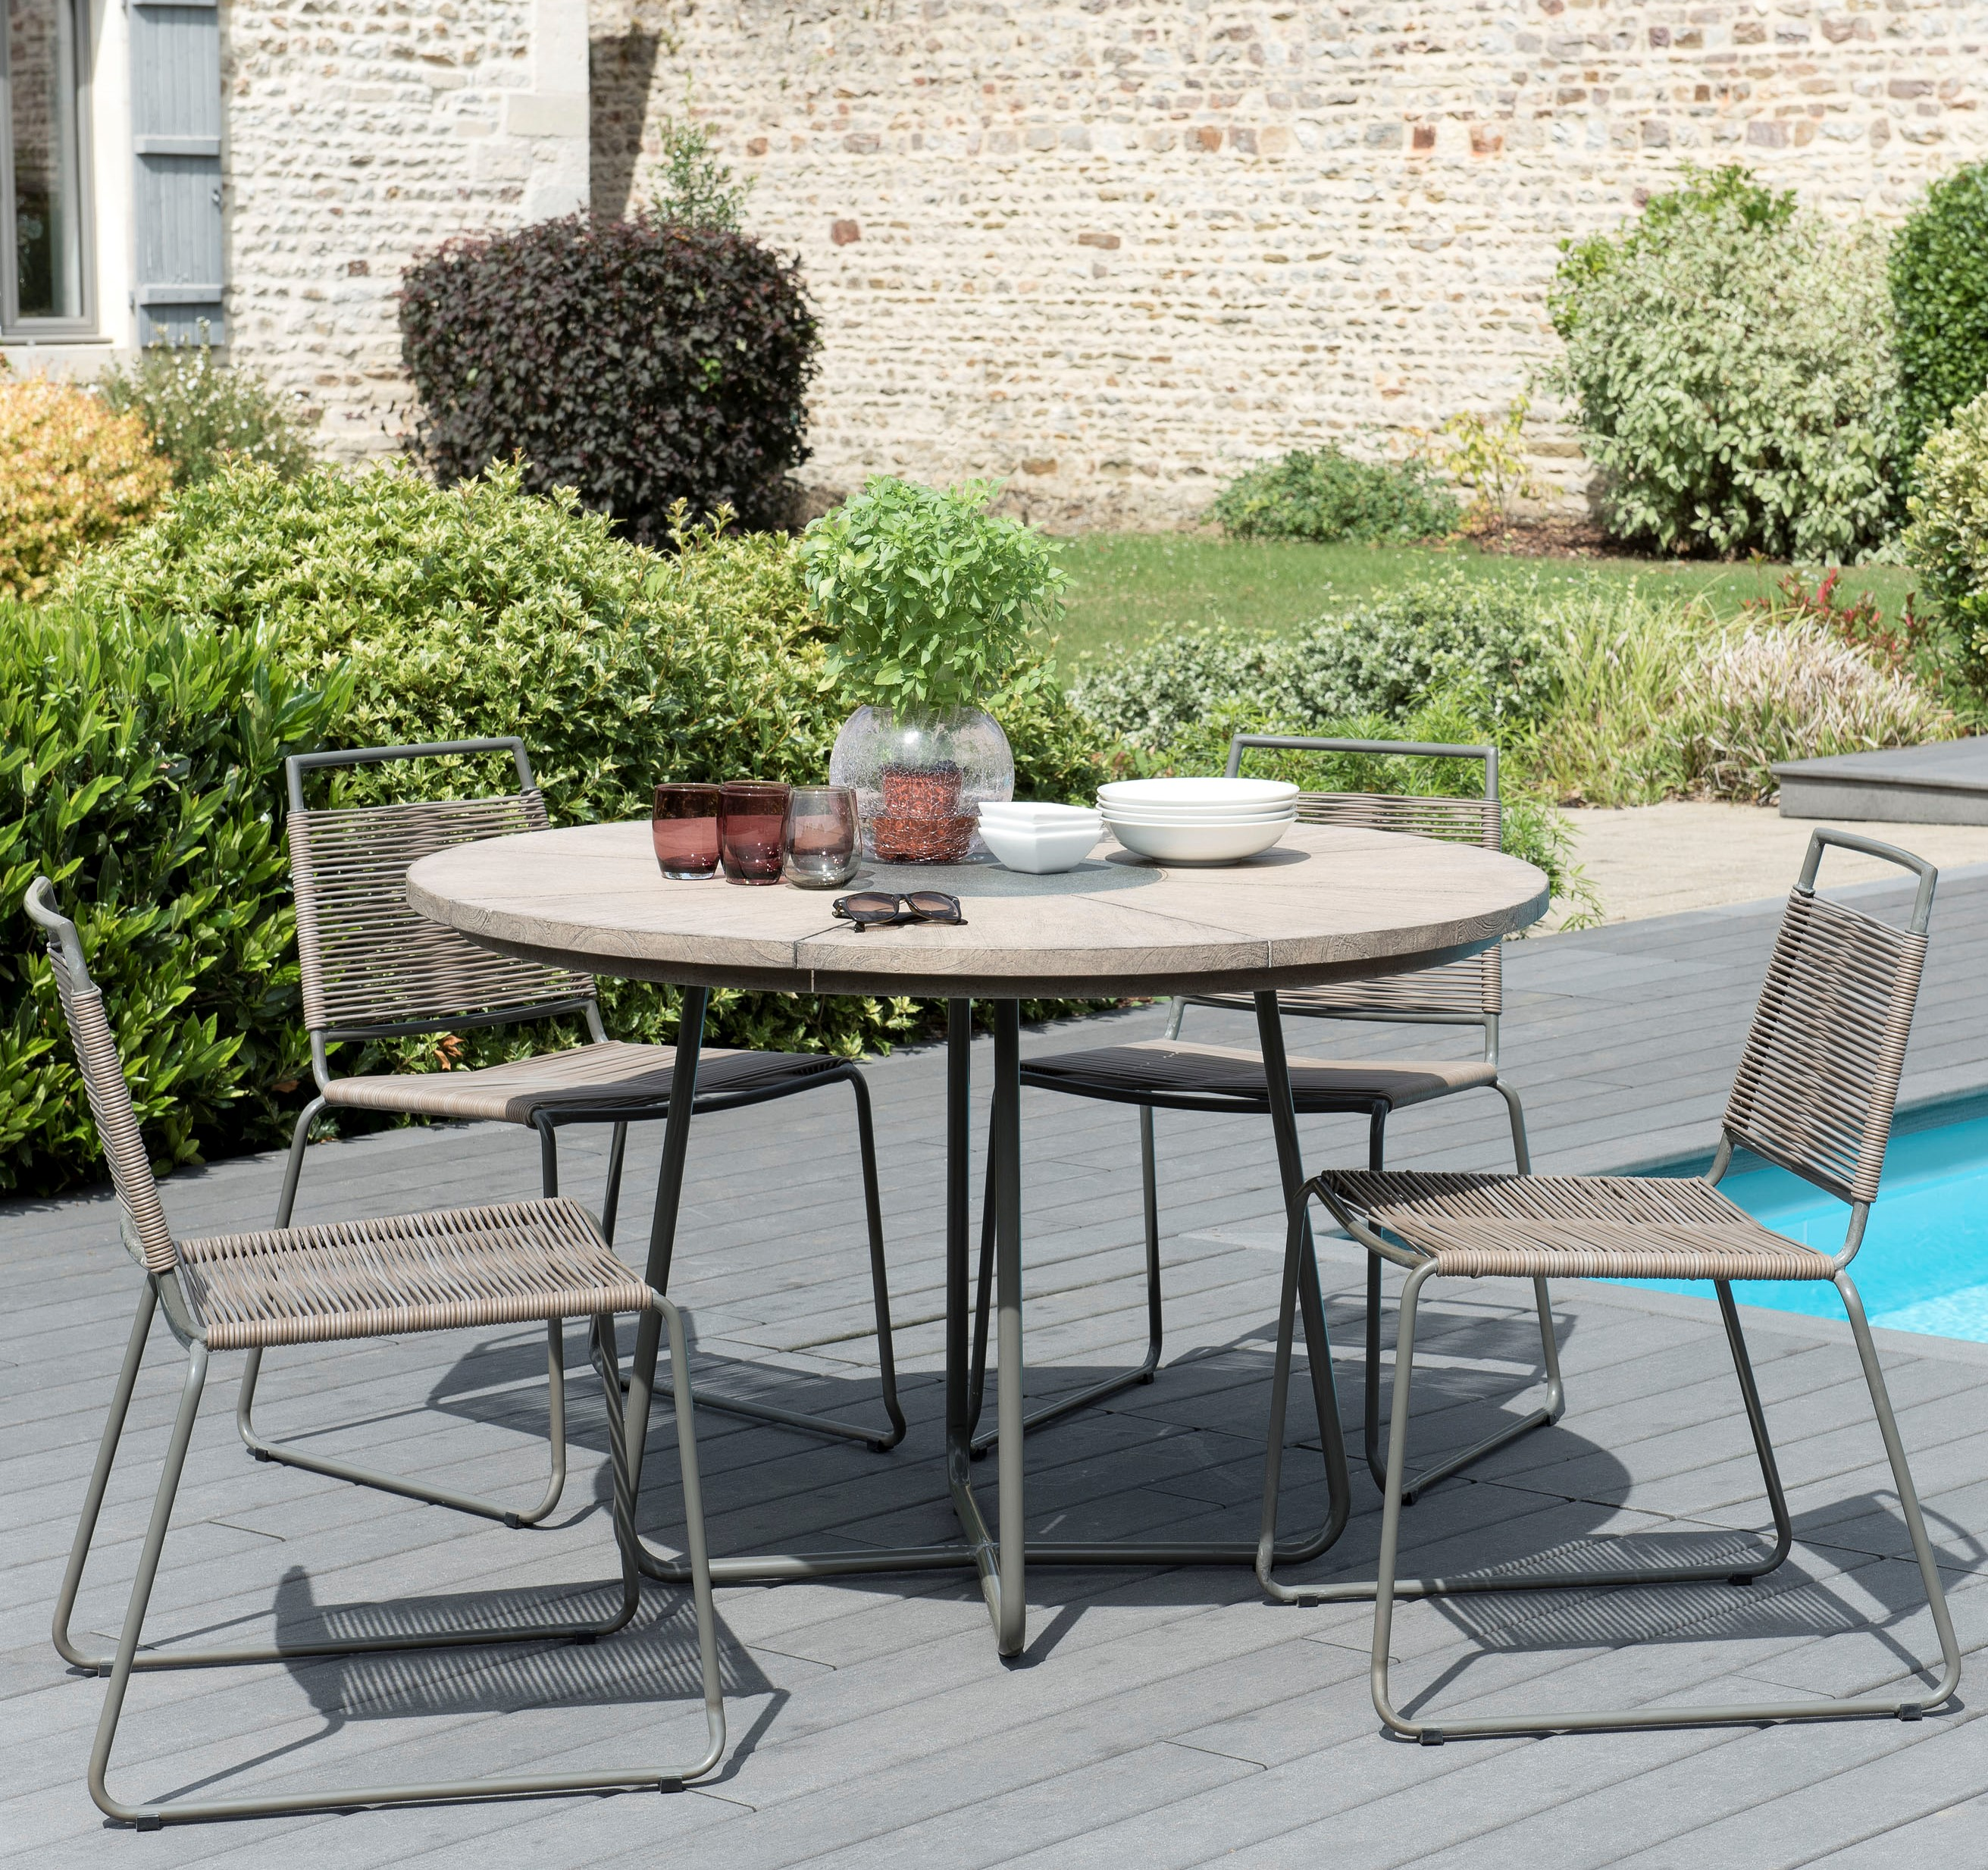 Salon de Jardin Teck Table D120 + 4 chaises cordage synthétique DETROIT  ref. 30020828